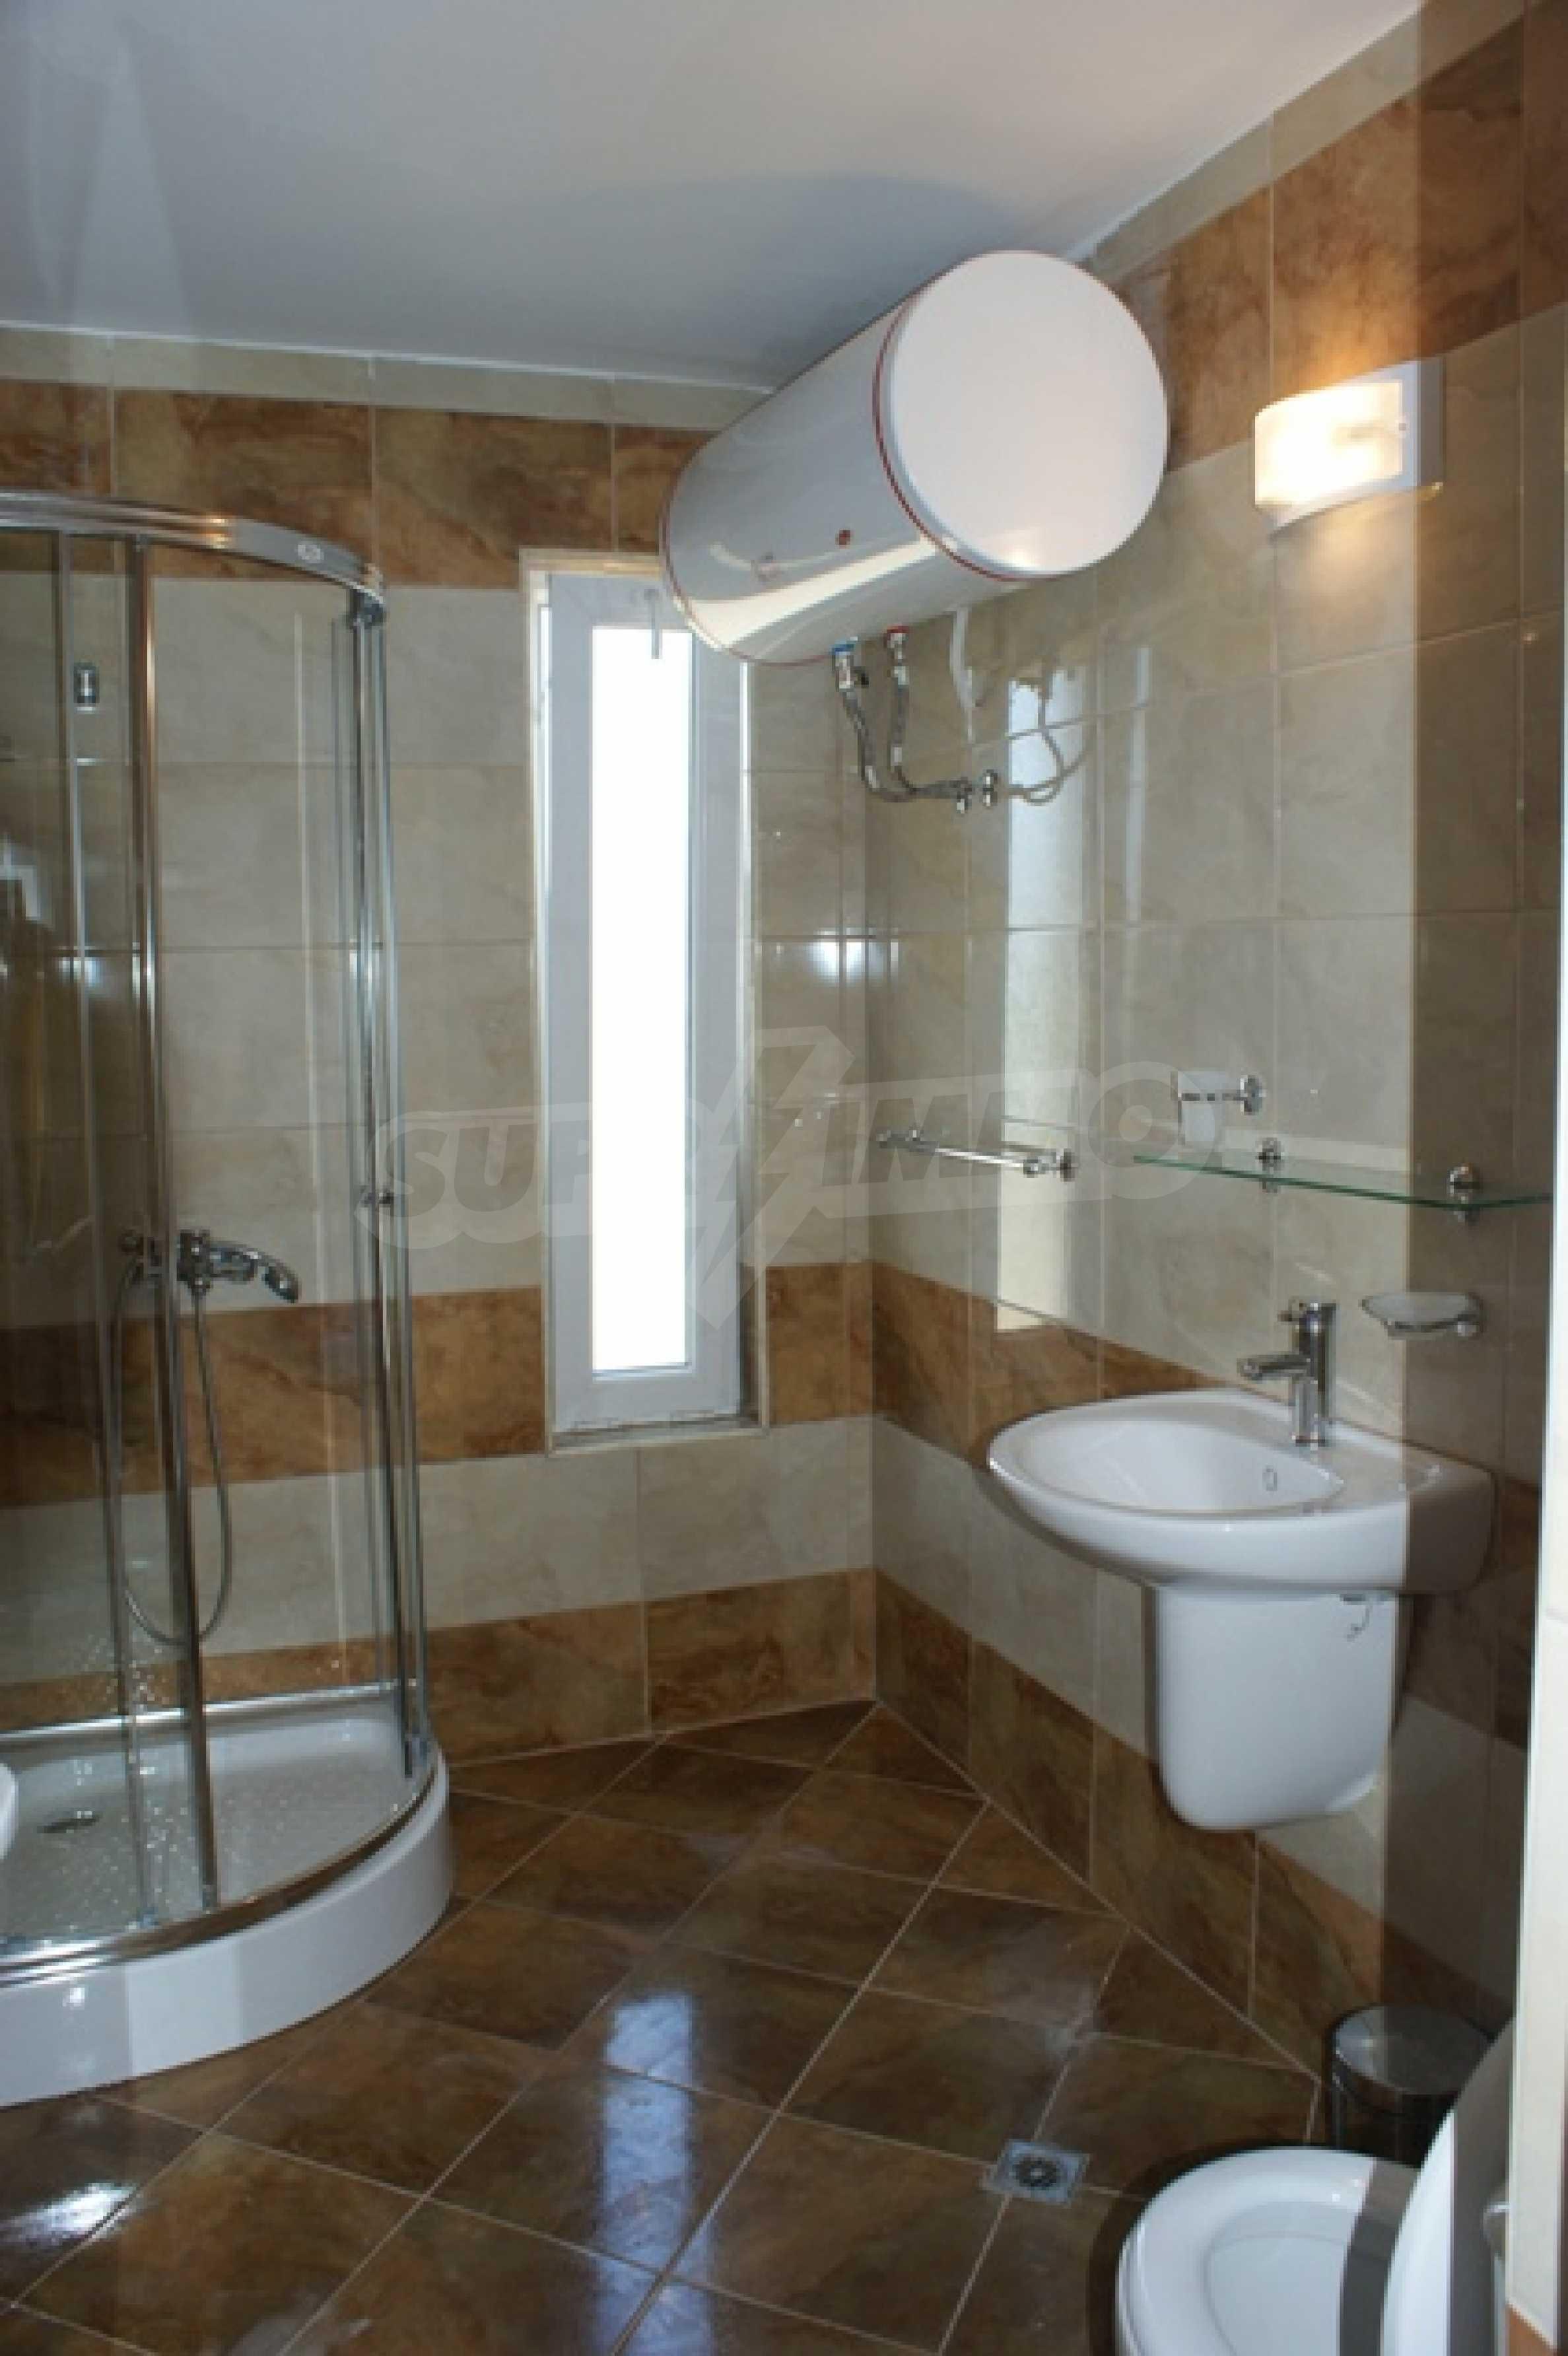 Pearl Sunshine - new seaside apartments for sale in Primorsko 27